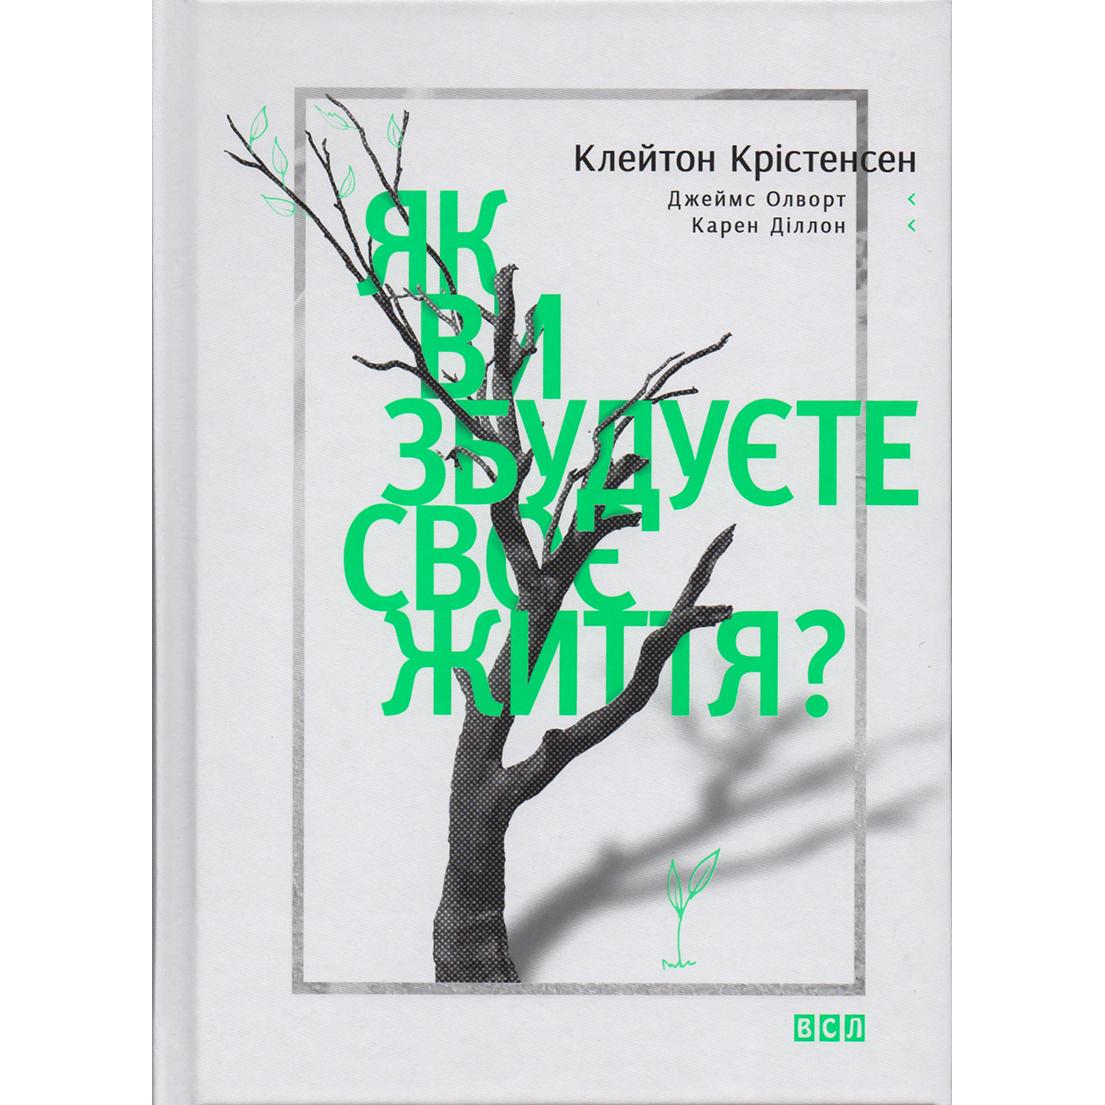 Купити книгу Як ви збудуєте своє життя ?, Клейтон Крістенсен